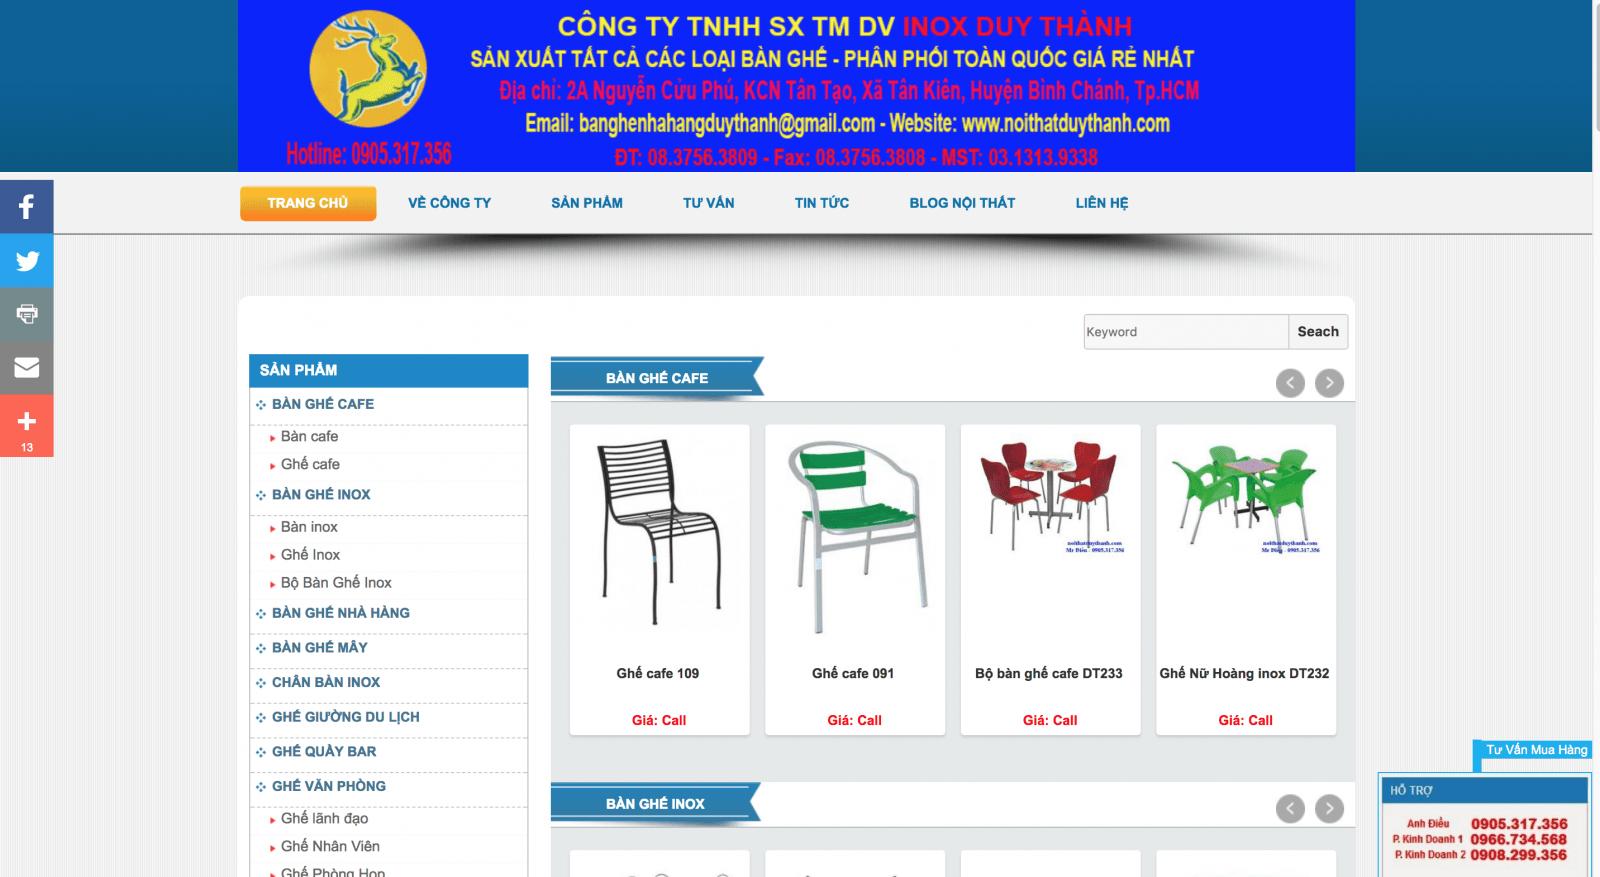 Công ty TNHH SX TM Duy Thành